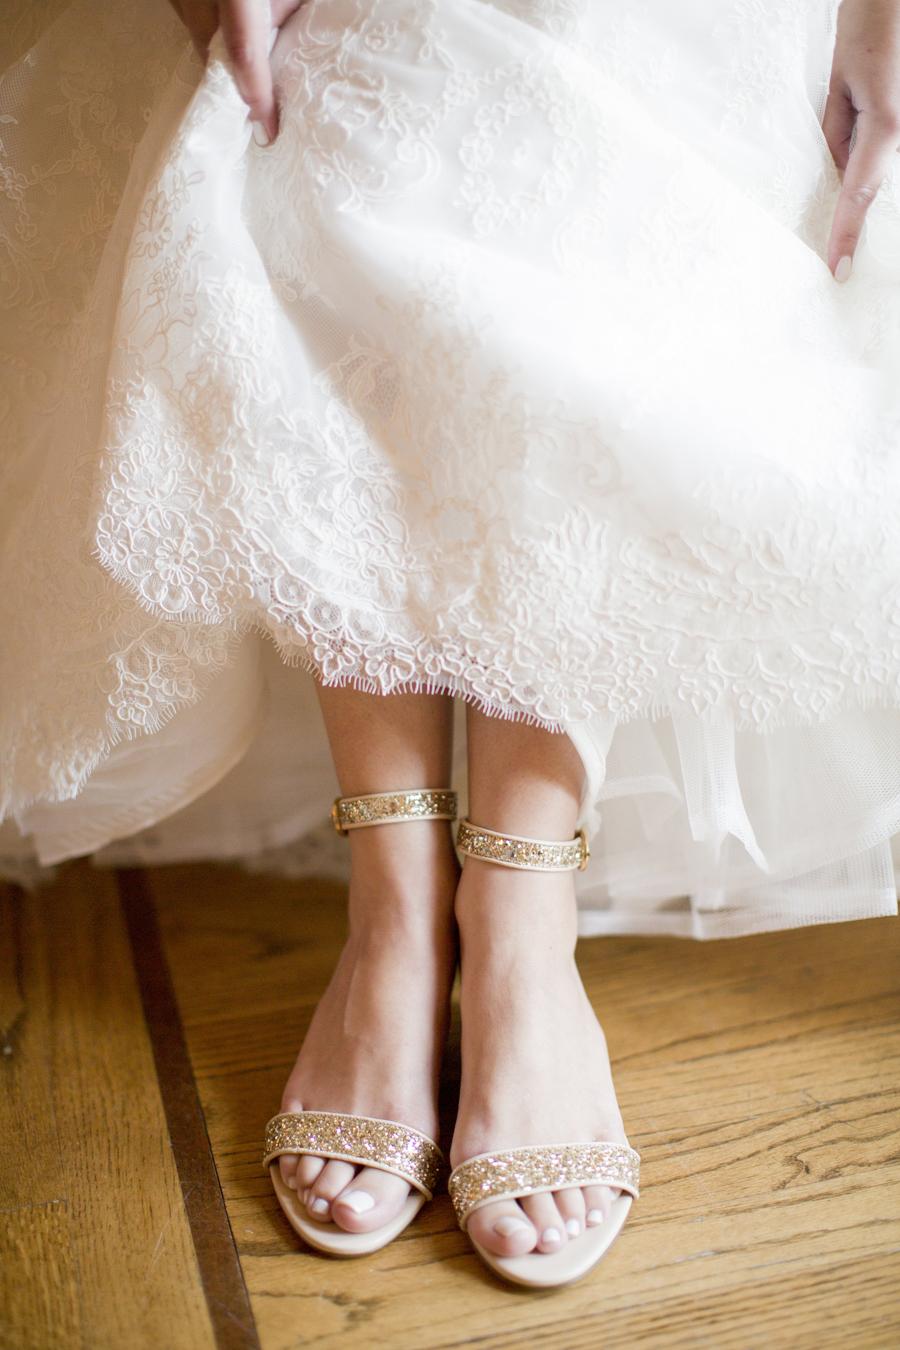 edb113c28bf Gold Glitter Bridal Sandals - Elizabeth Anne Designs  The Wedding Blog